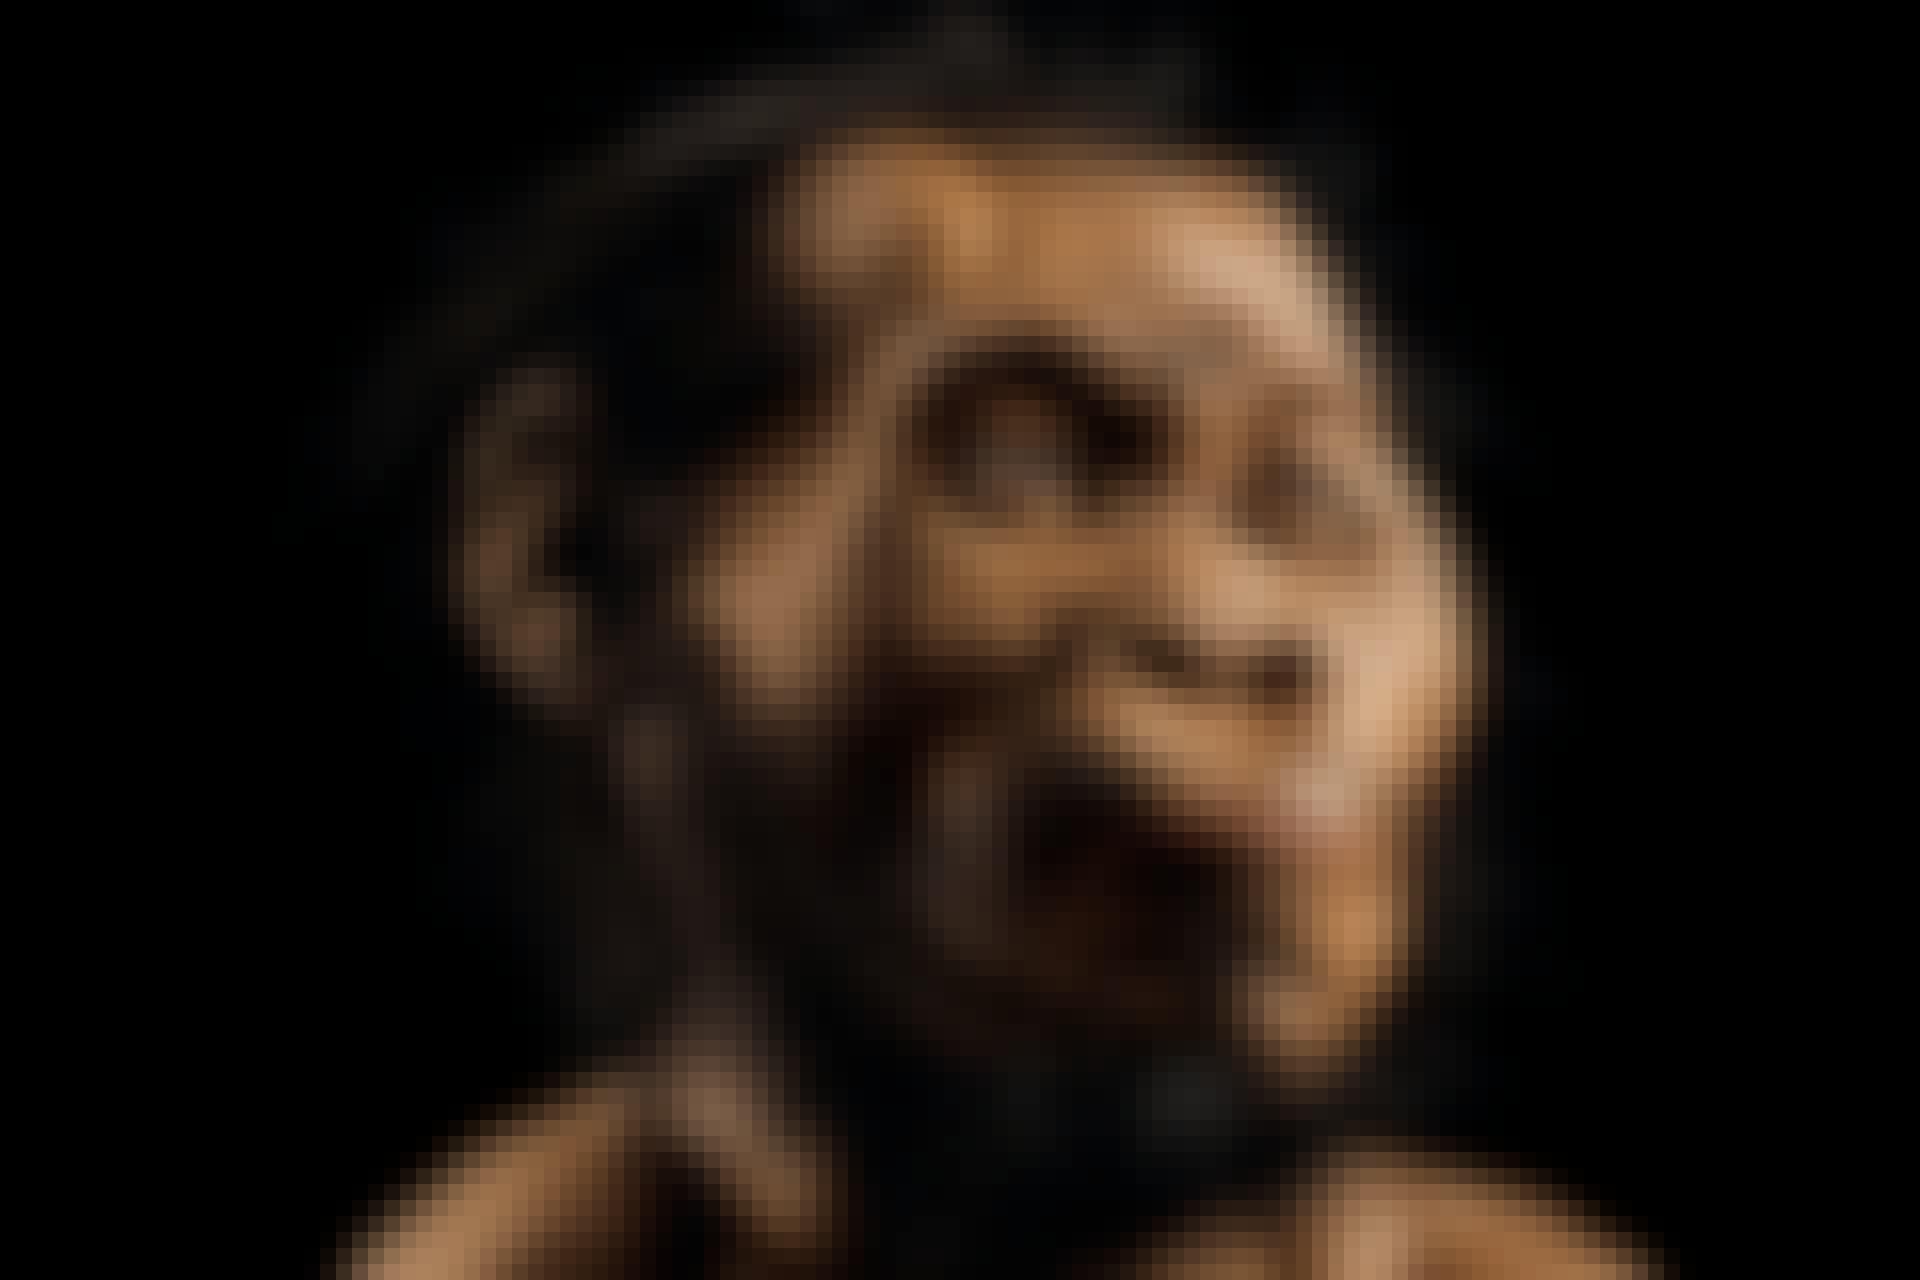 Ihmislaji Homo naledi